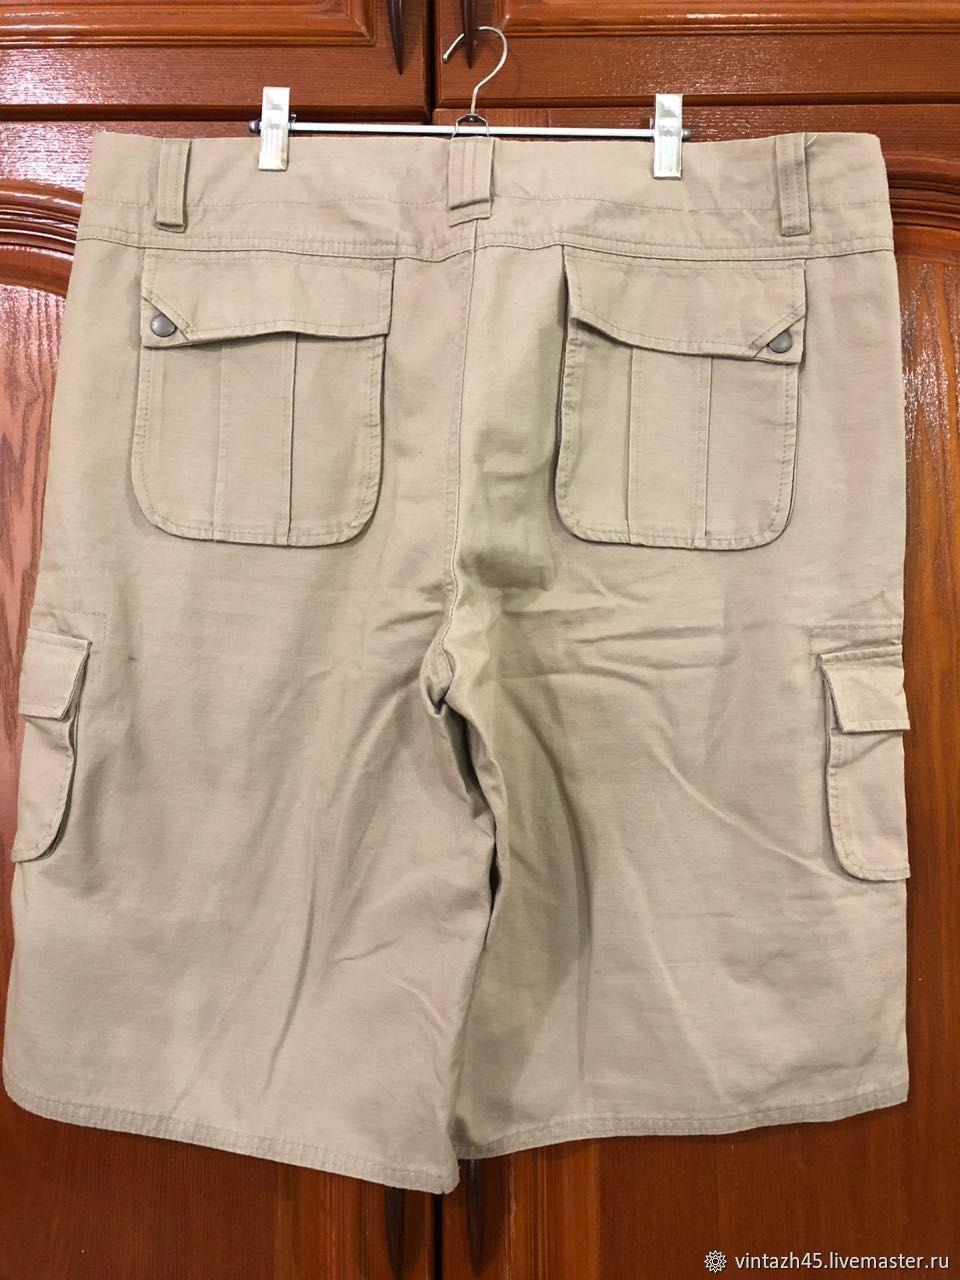 36ed39b31bd Авторские и винтажные вещи от Ольги · Одежда. Винтаж  Винтажные большие мужские  шорты. Авторские и винтажные вещи от Ольги.